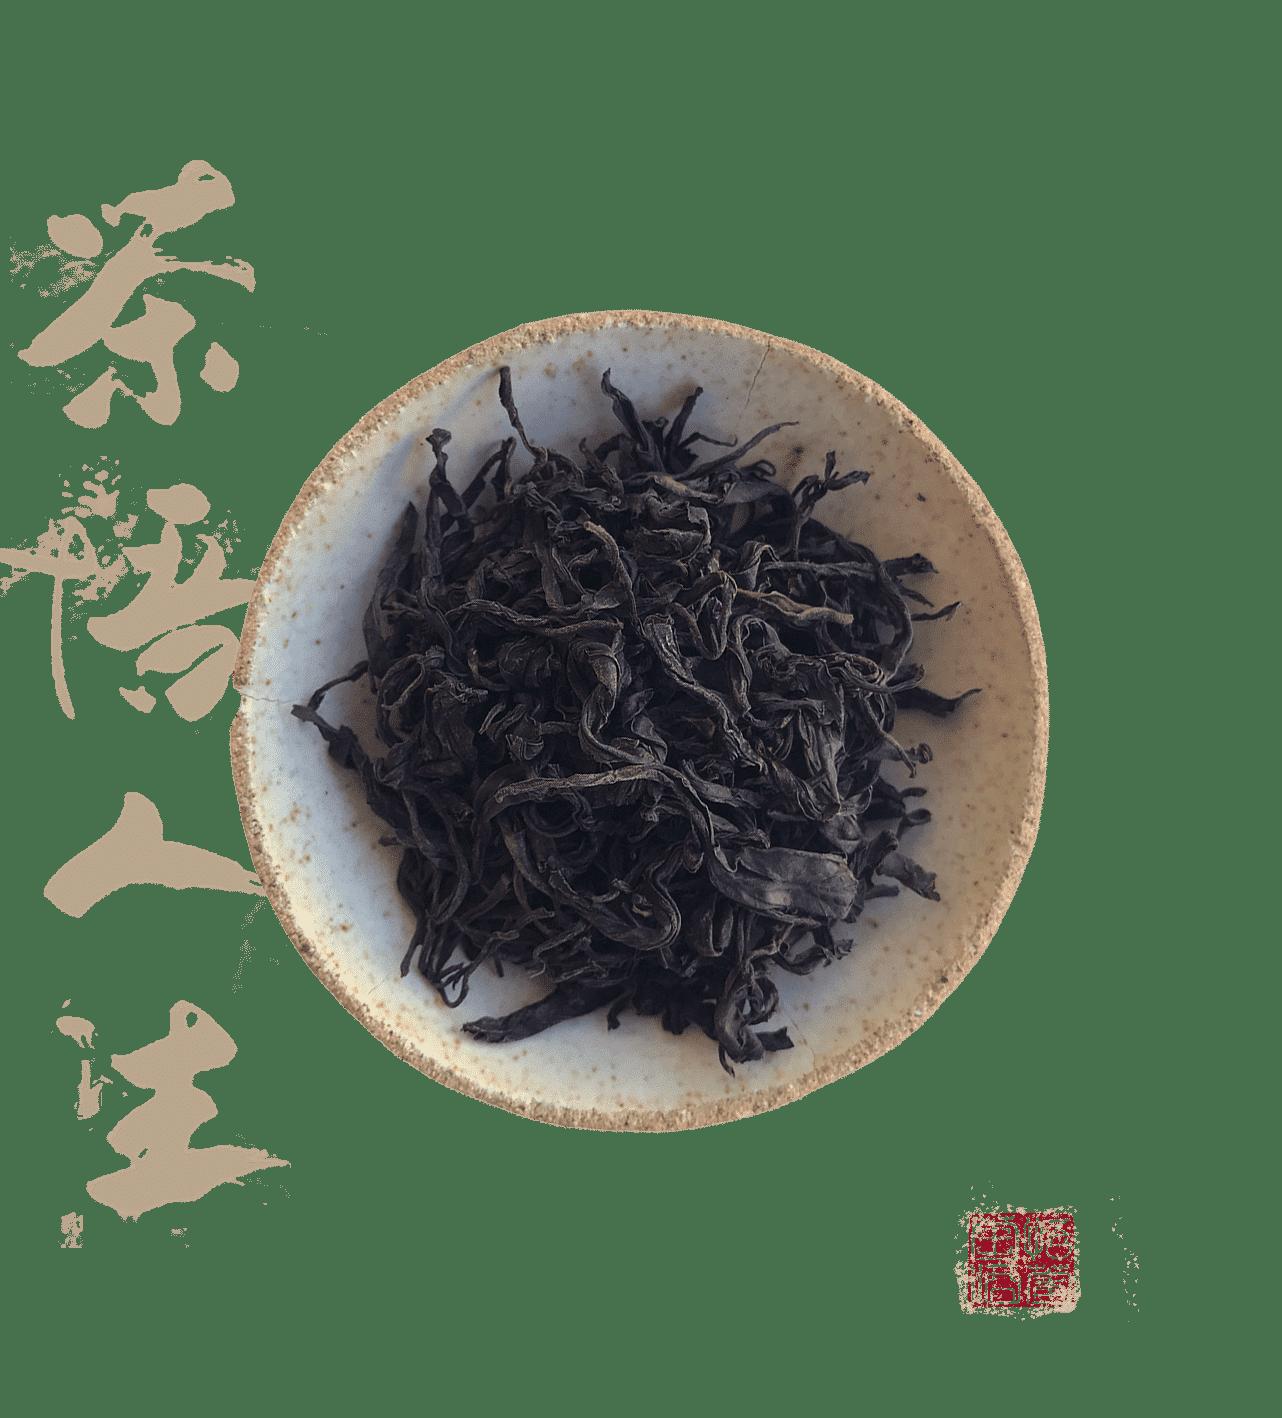 Feng qing ye sheng hong est un thé pu erh noire sauvage du yunnan